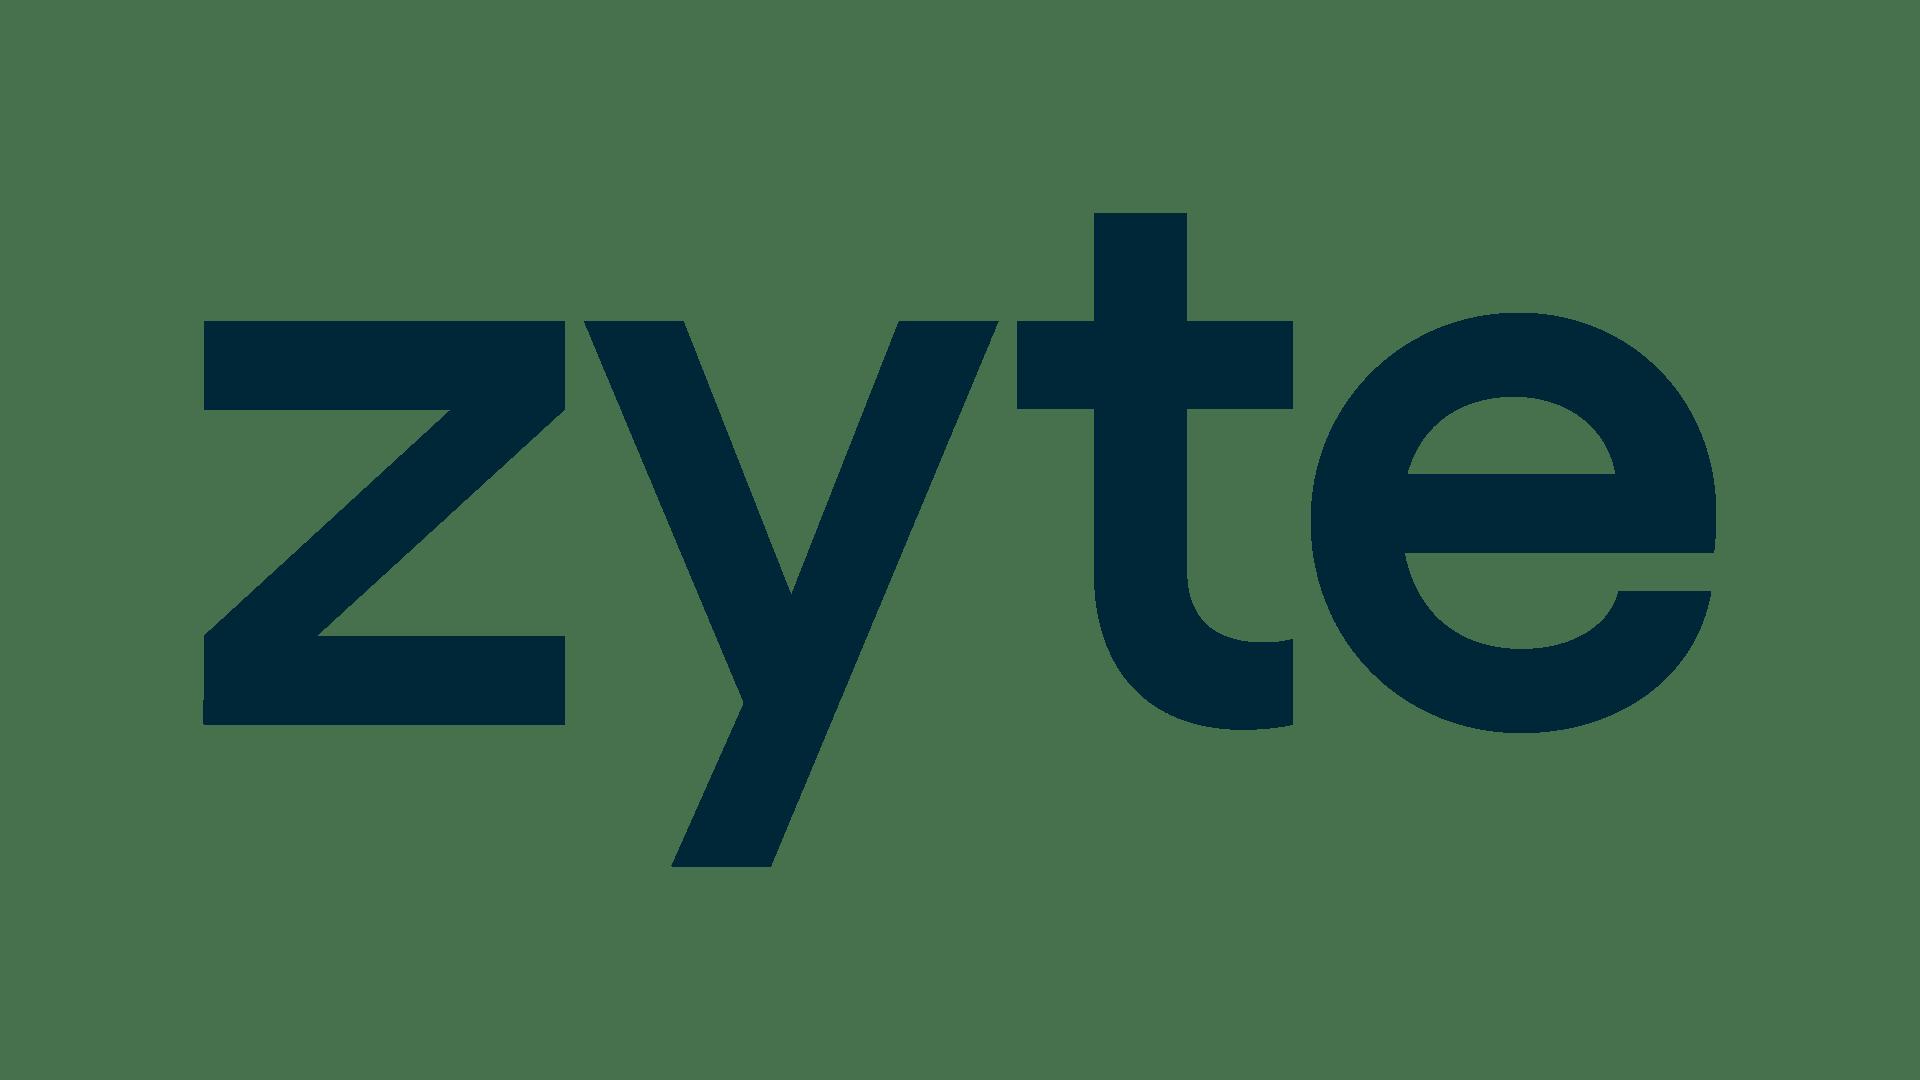 logo Zyte (Ex ScrapingHub)